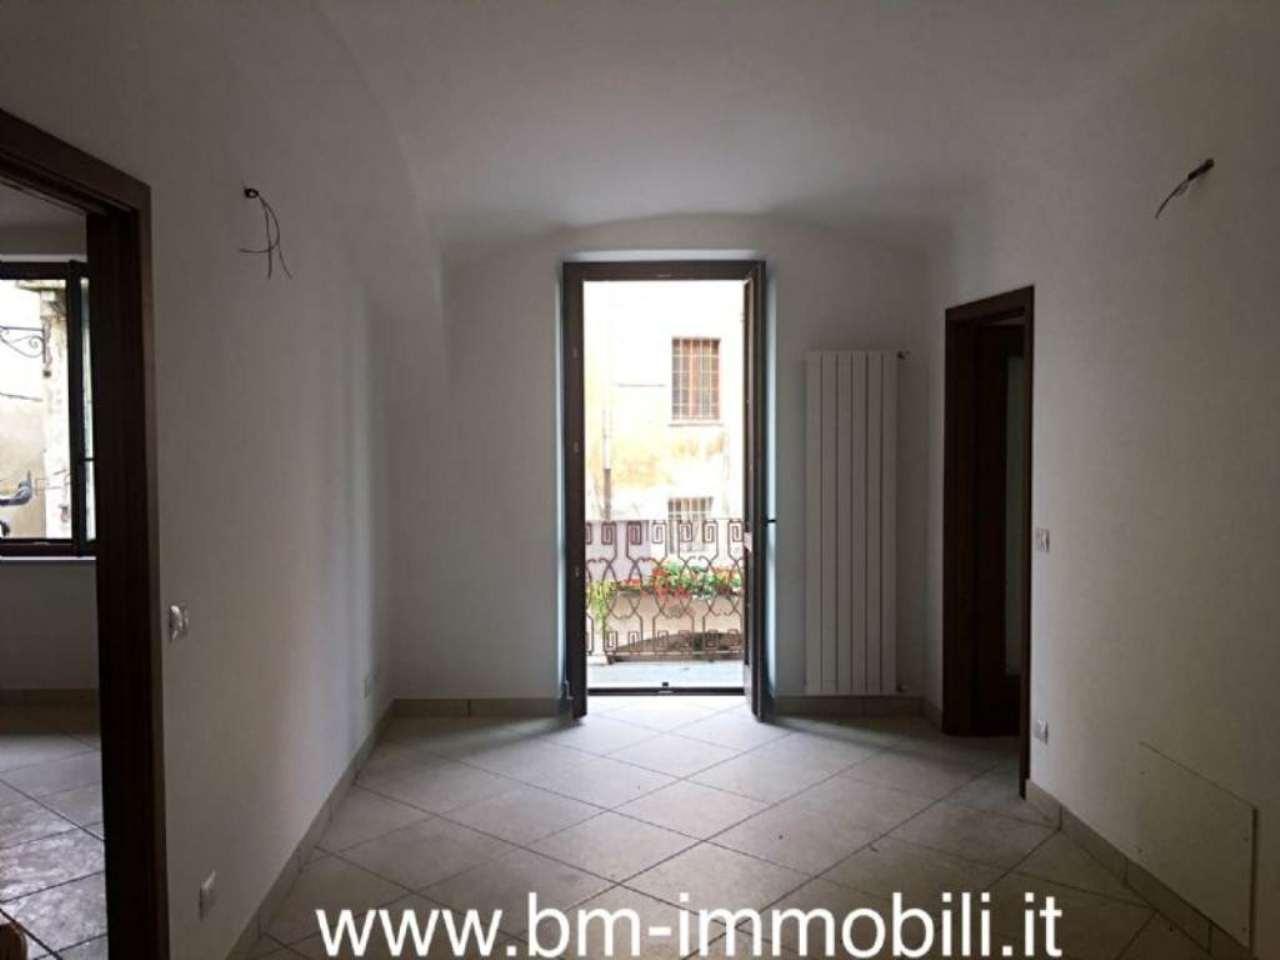 Bilocale Lanzo Torinese Via Umberto I 13